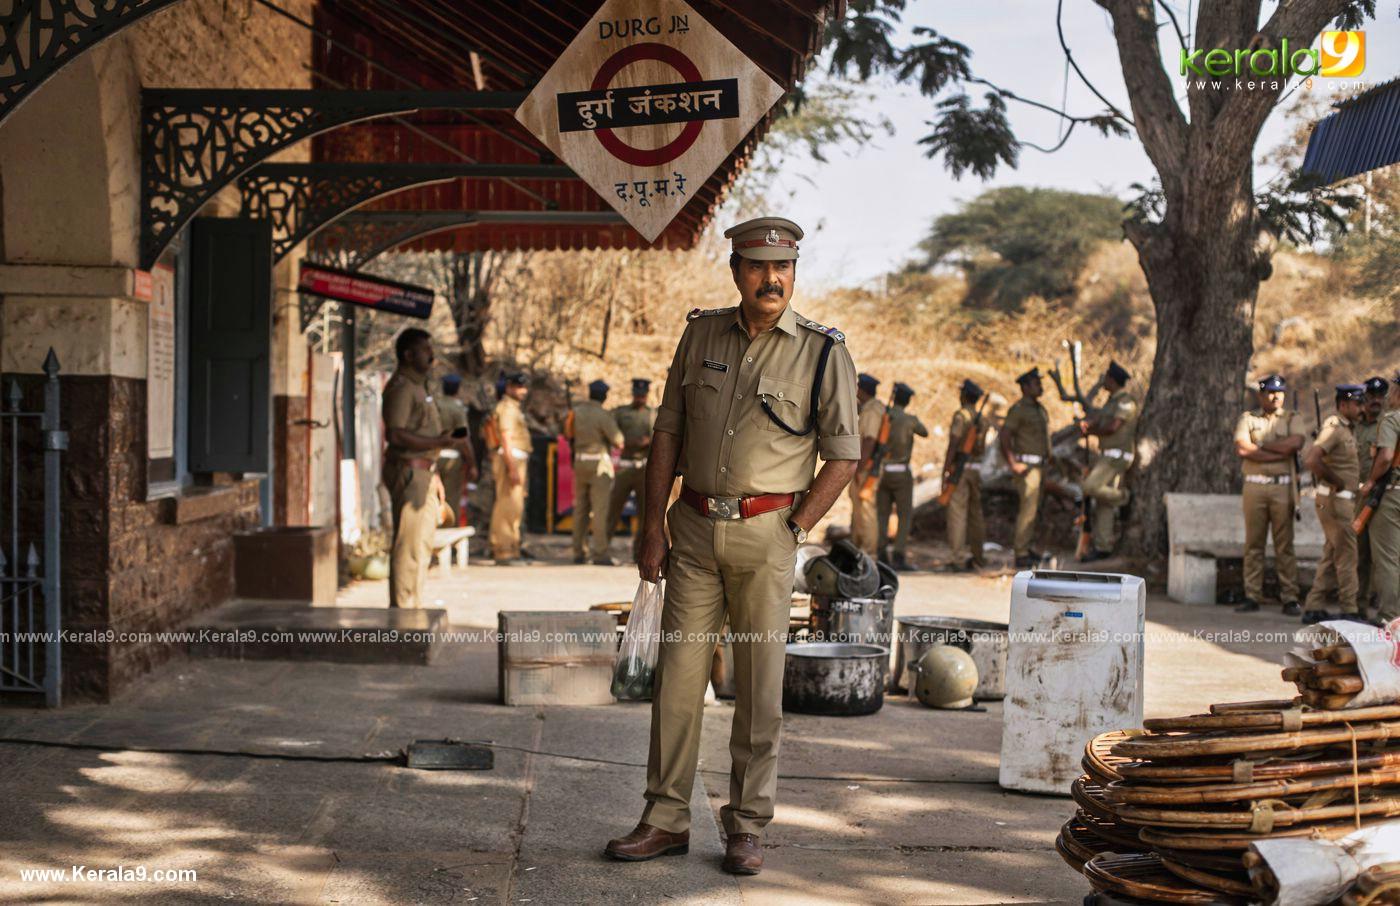 unda malayalam movie stills 021 - Kerala9.com